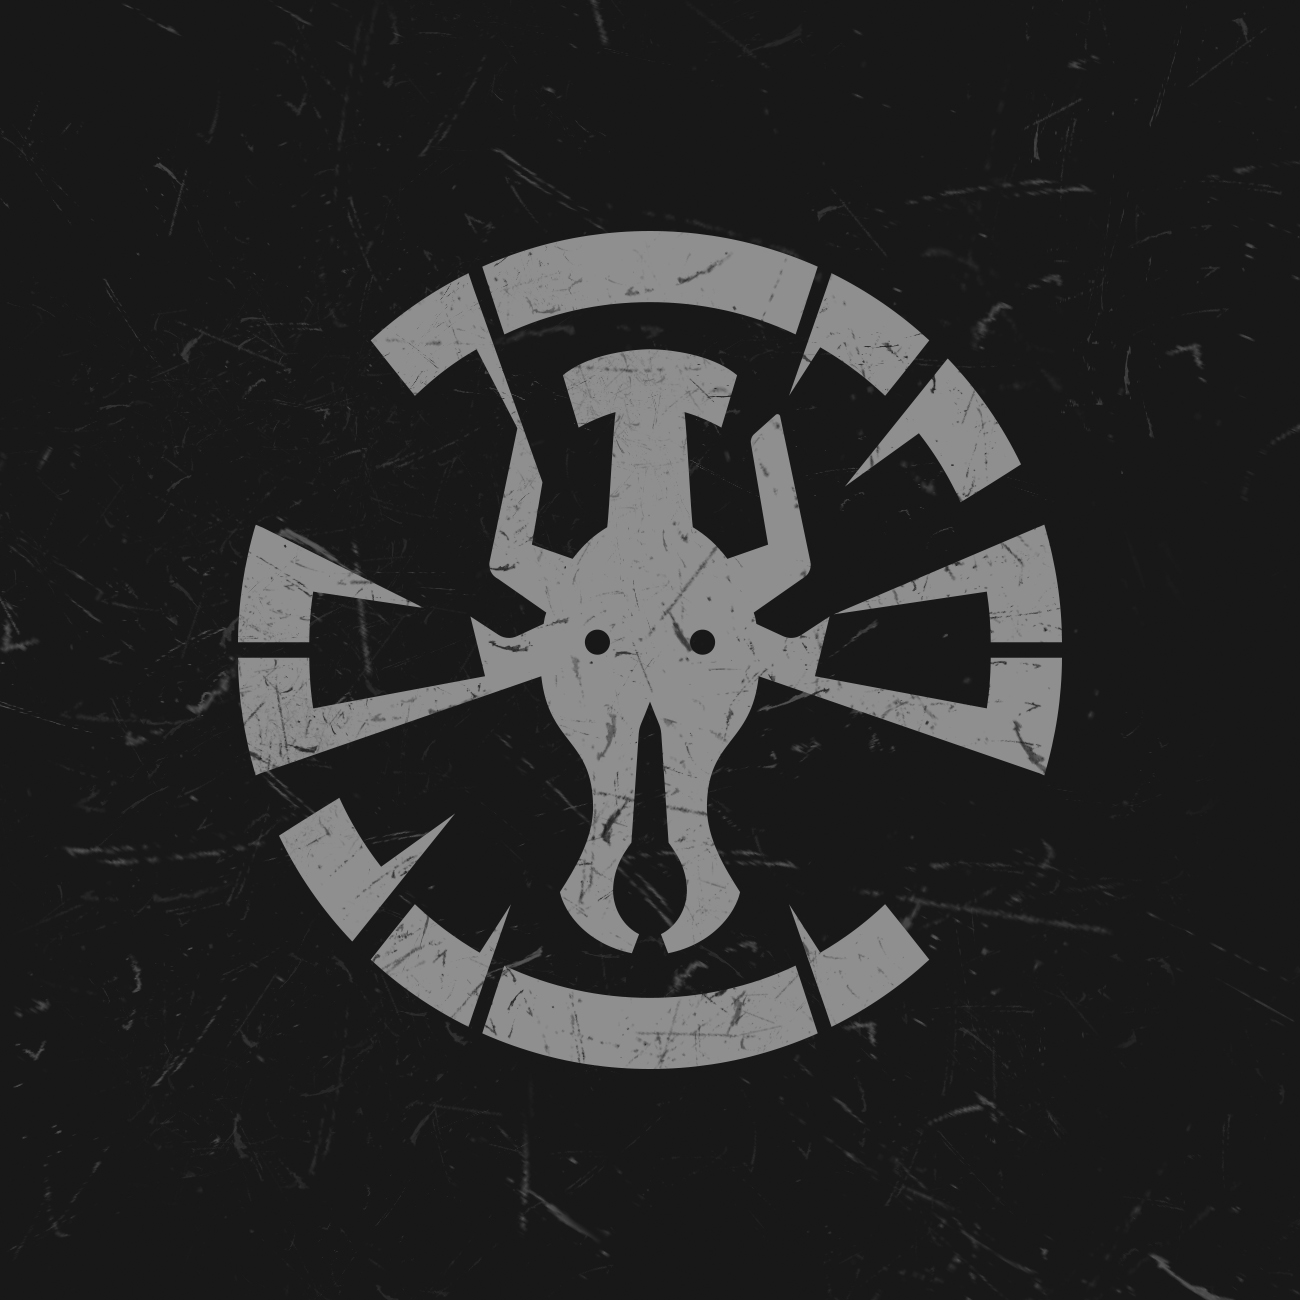 Лого для конкурса 2.jpg